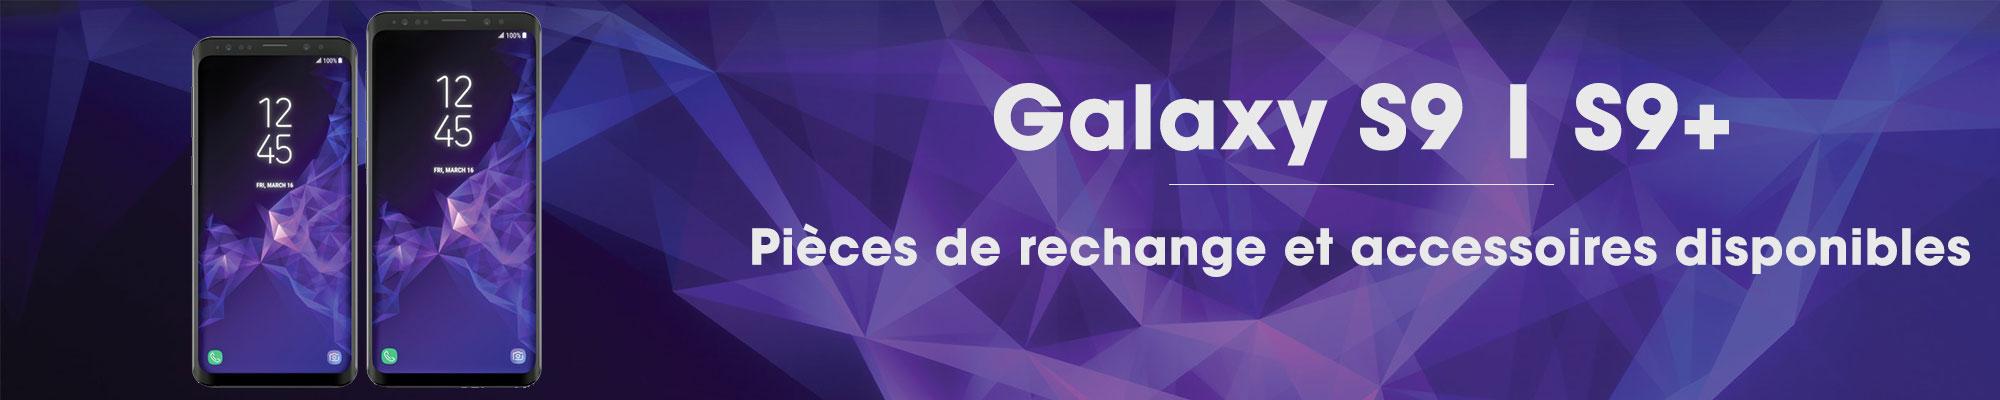 Nouvelles pièces de rechange et accessoires disponibles pour Samsung Galaxy S9 et S9+